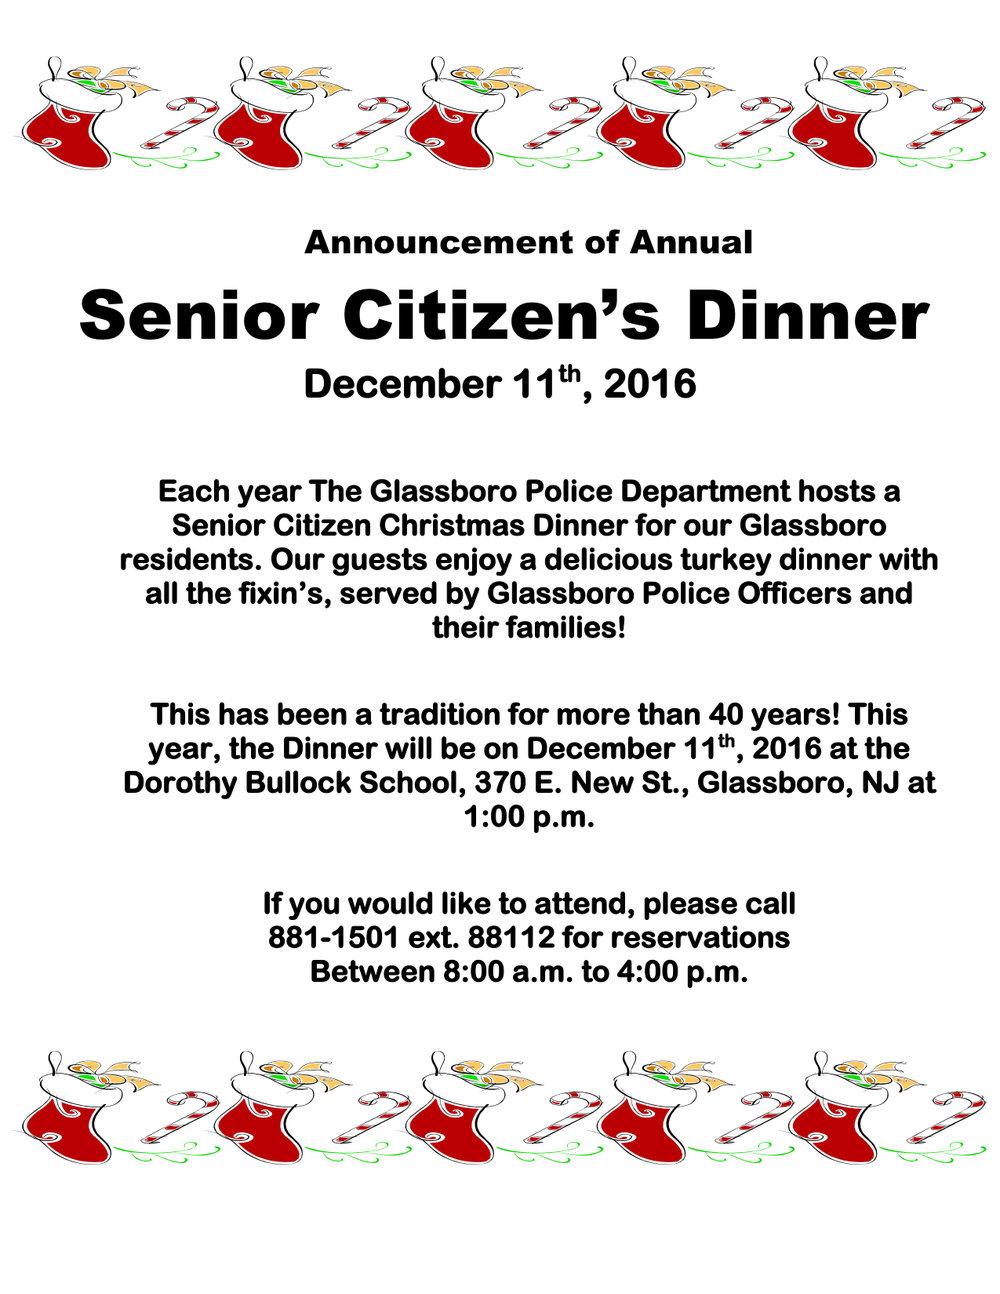 Glassboro Senior Citizen Christmas Dinner